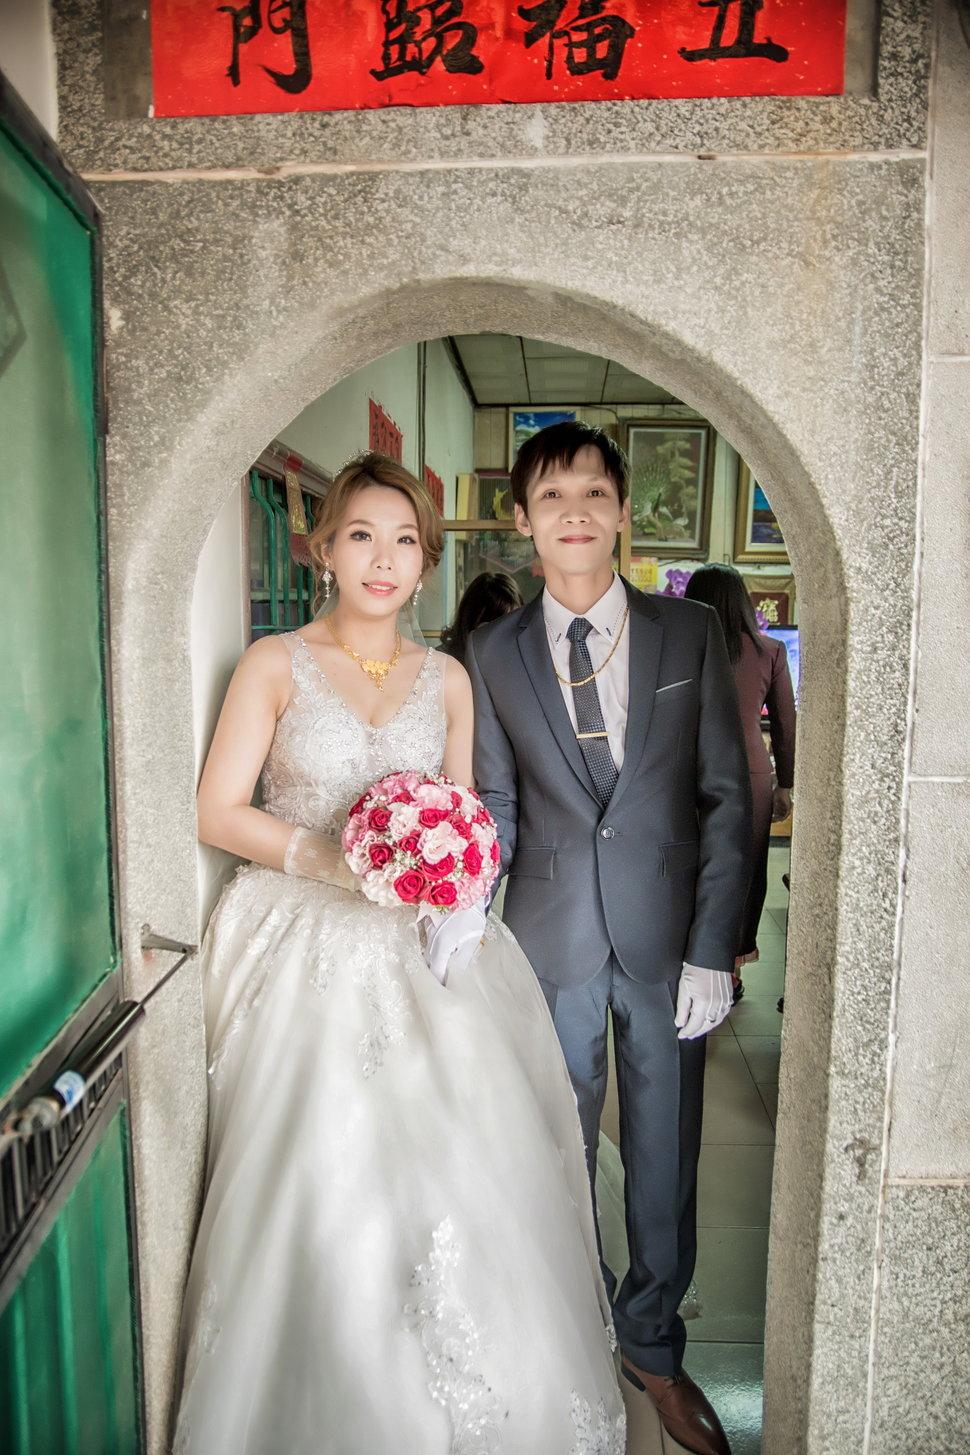 1 (35) - Daco  攝影工作室《結婚吧》